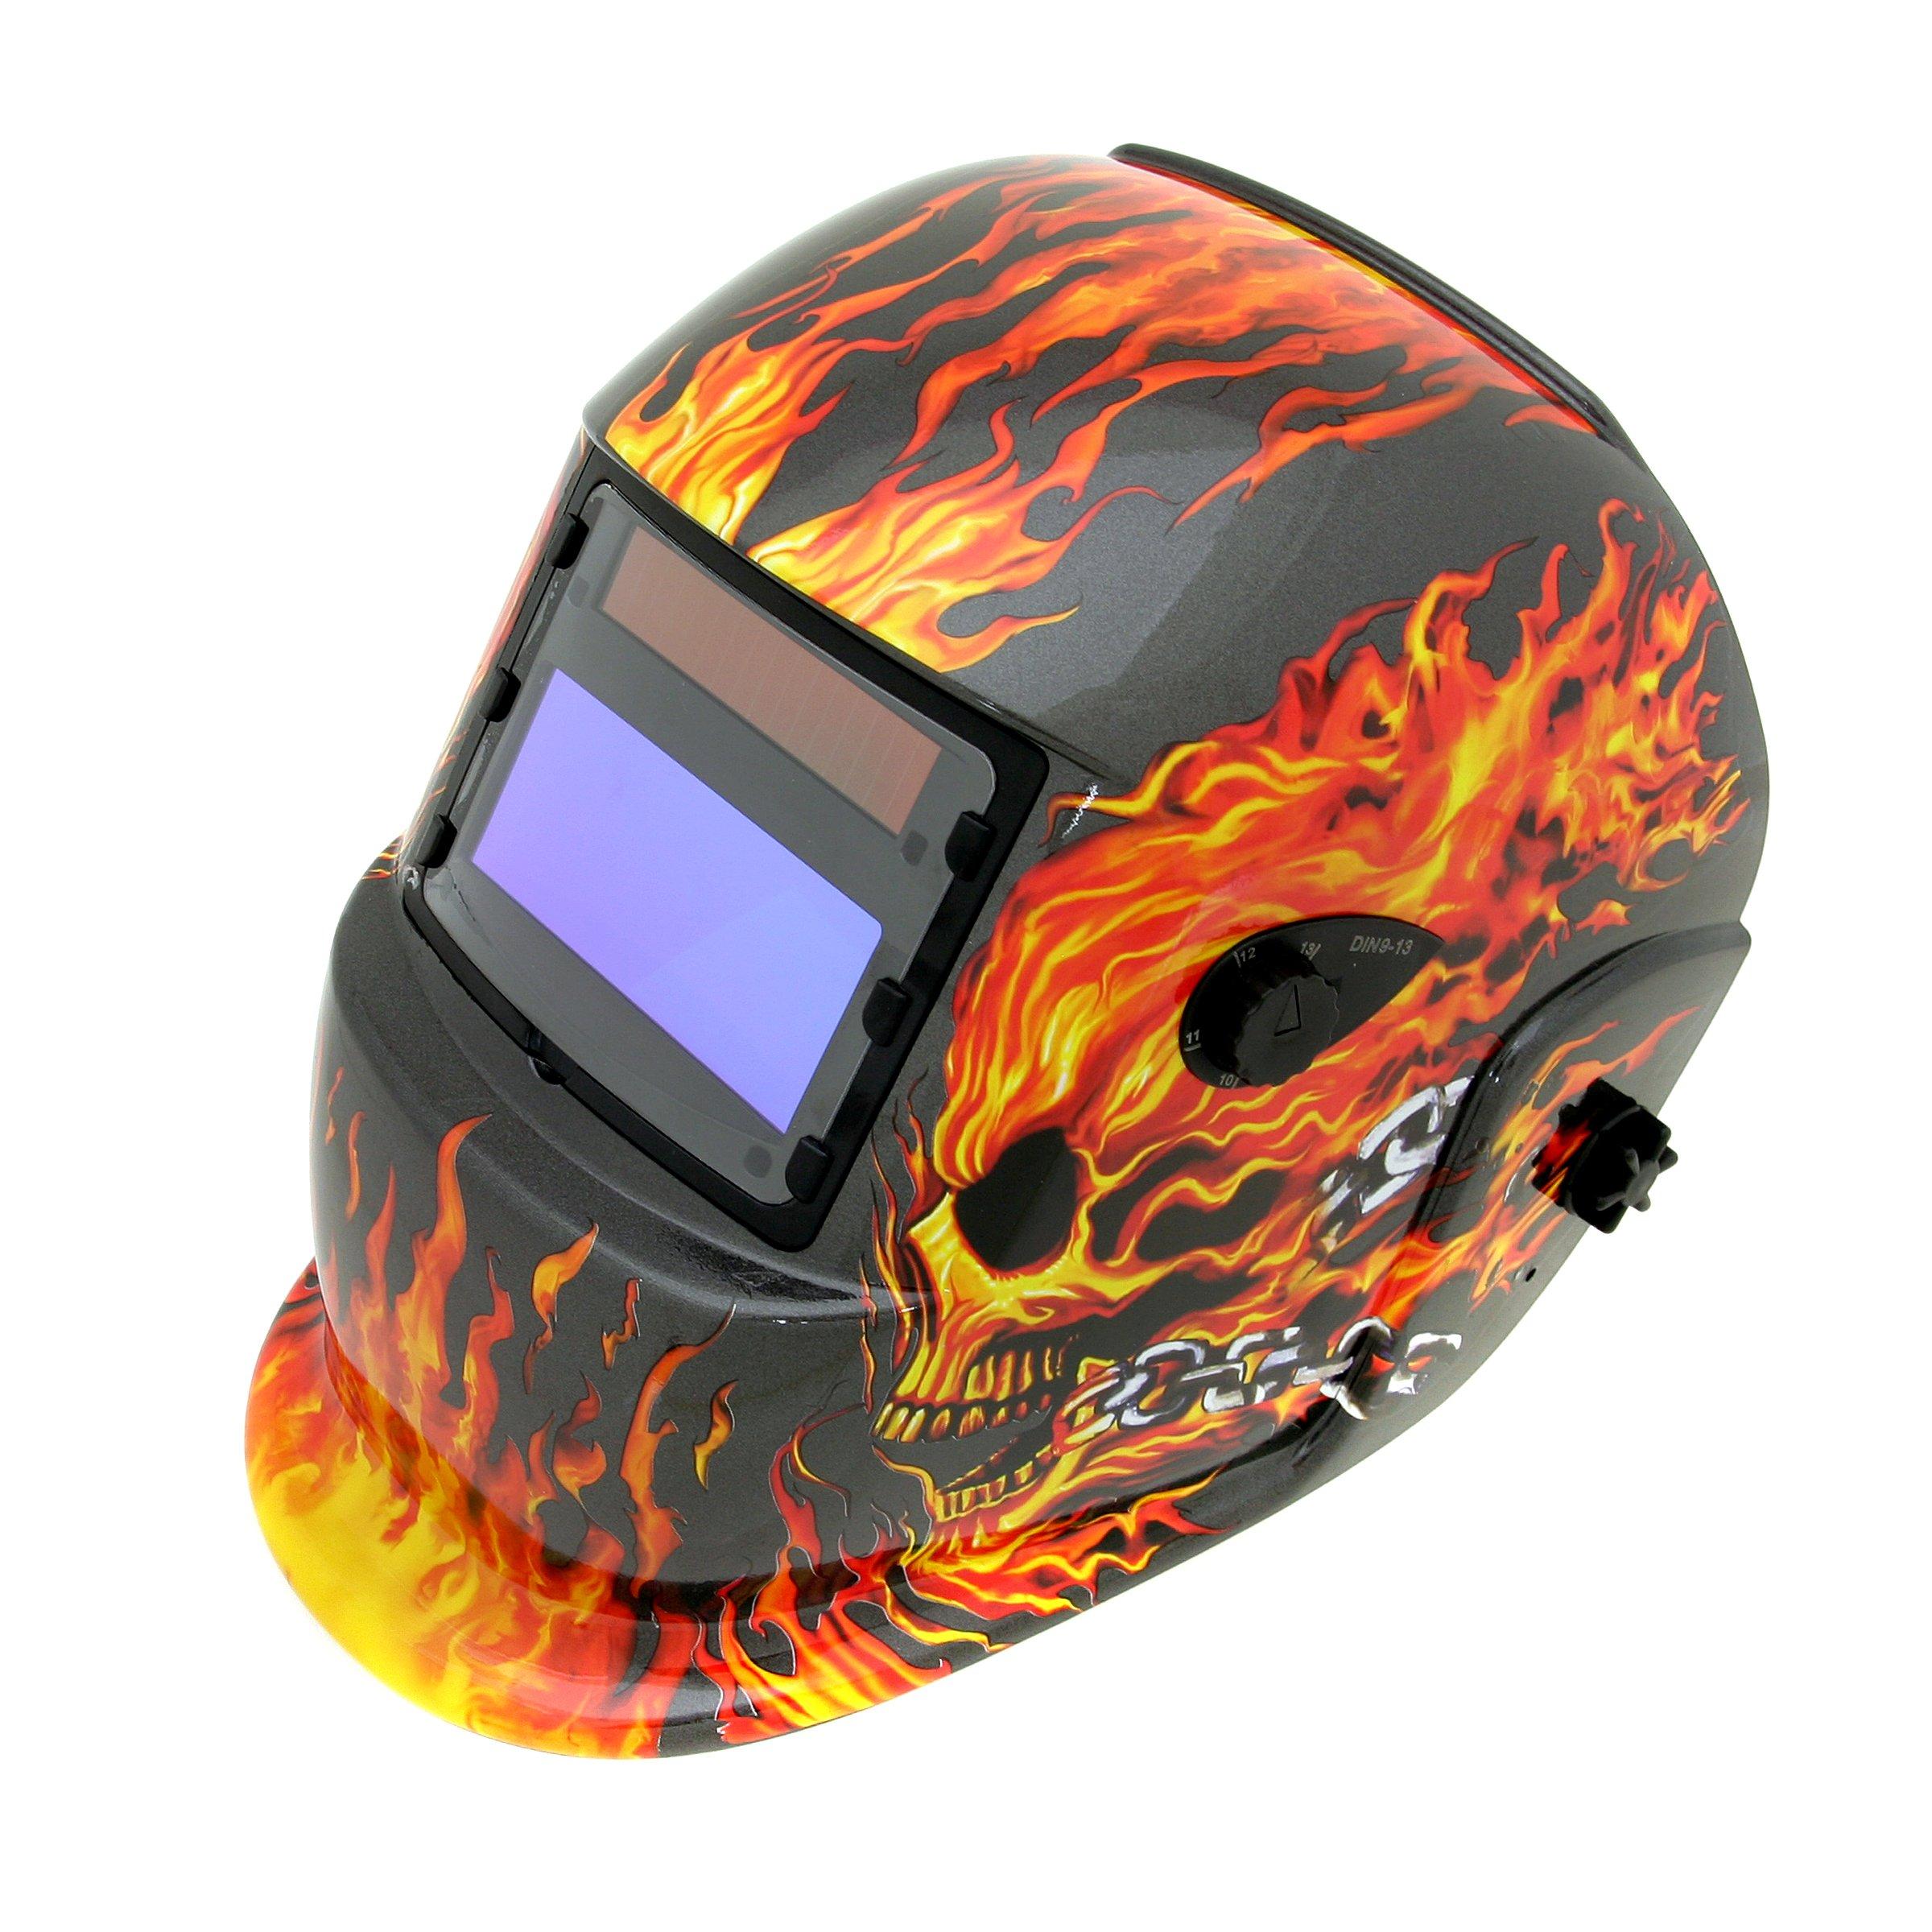 Thermadyne Tweco 41001004 Tweco WeldSkill Auto-Darkening Helmet Flames